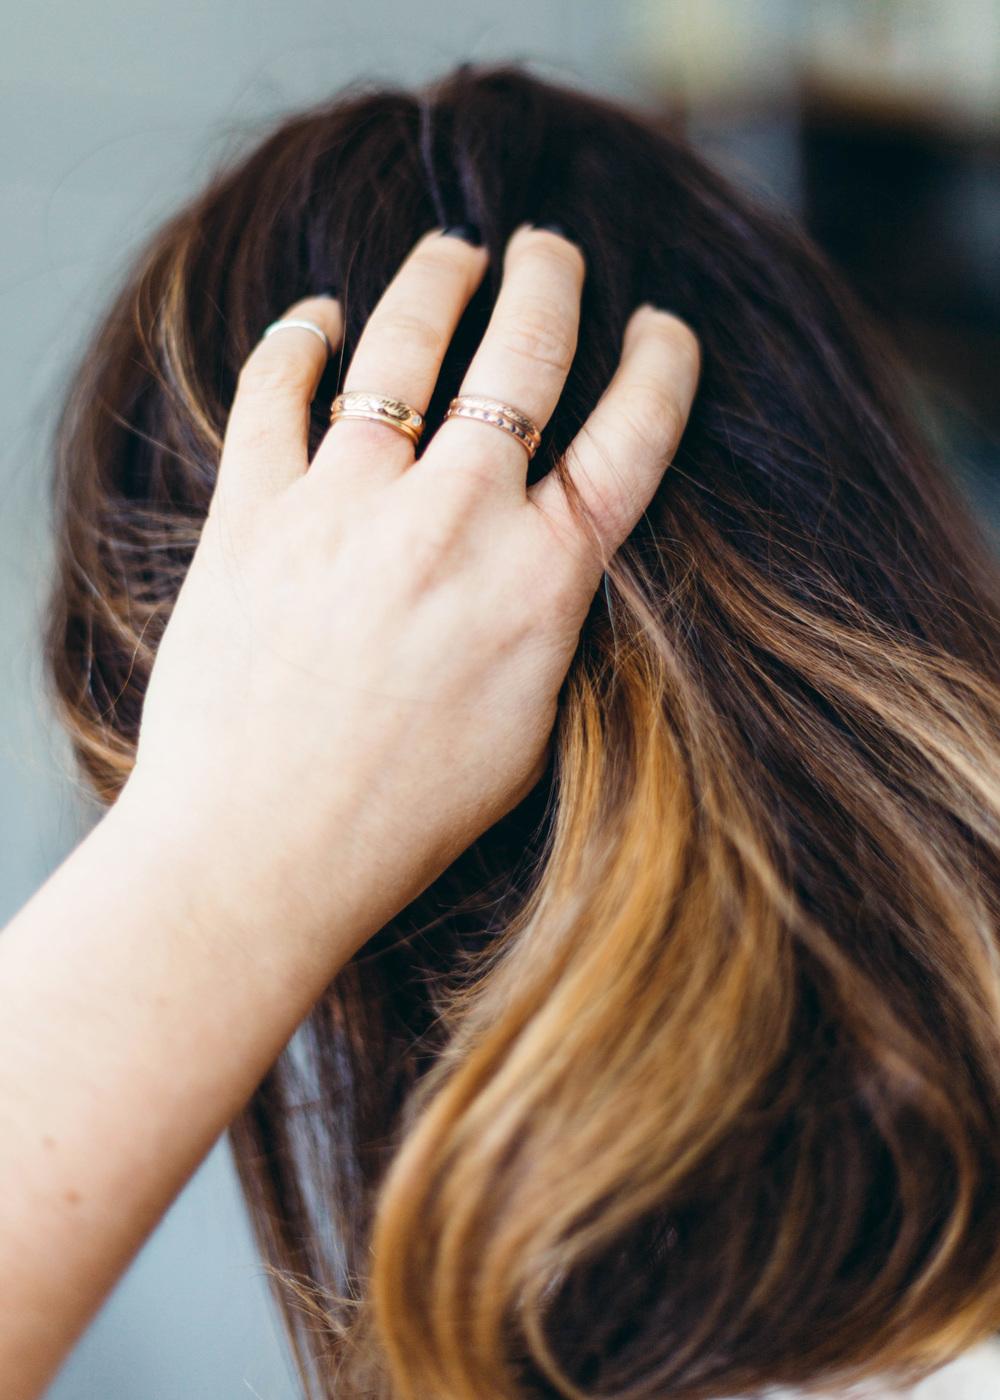 Custom Engraved Rings